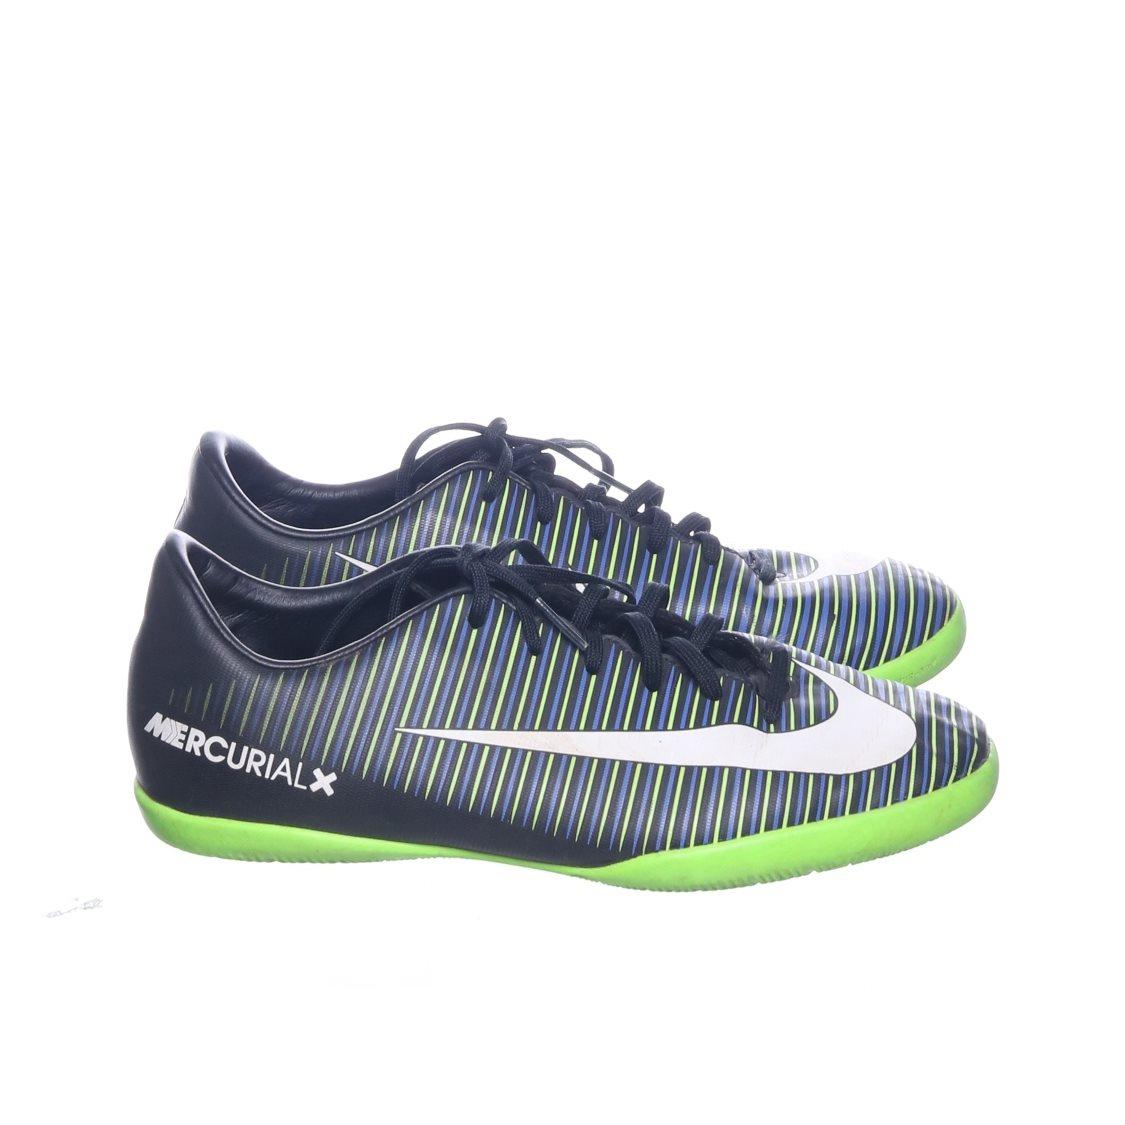 size 40 247aa 20982 Nike, Fotbollsskor, Strl  36.5, Mercurial X, Svart Grön Vit